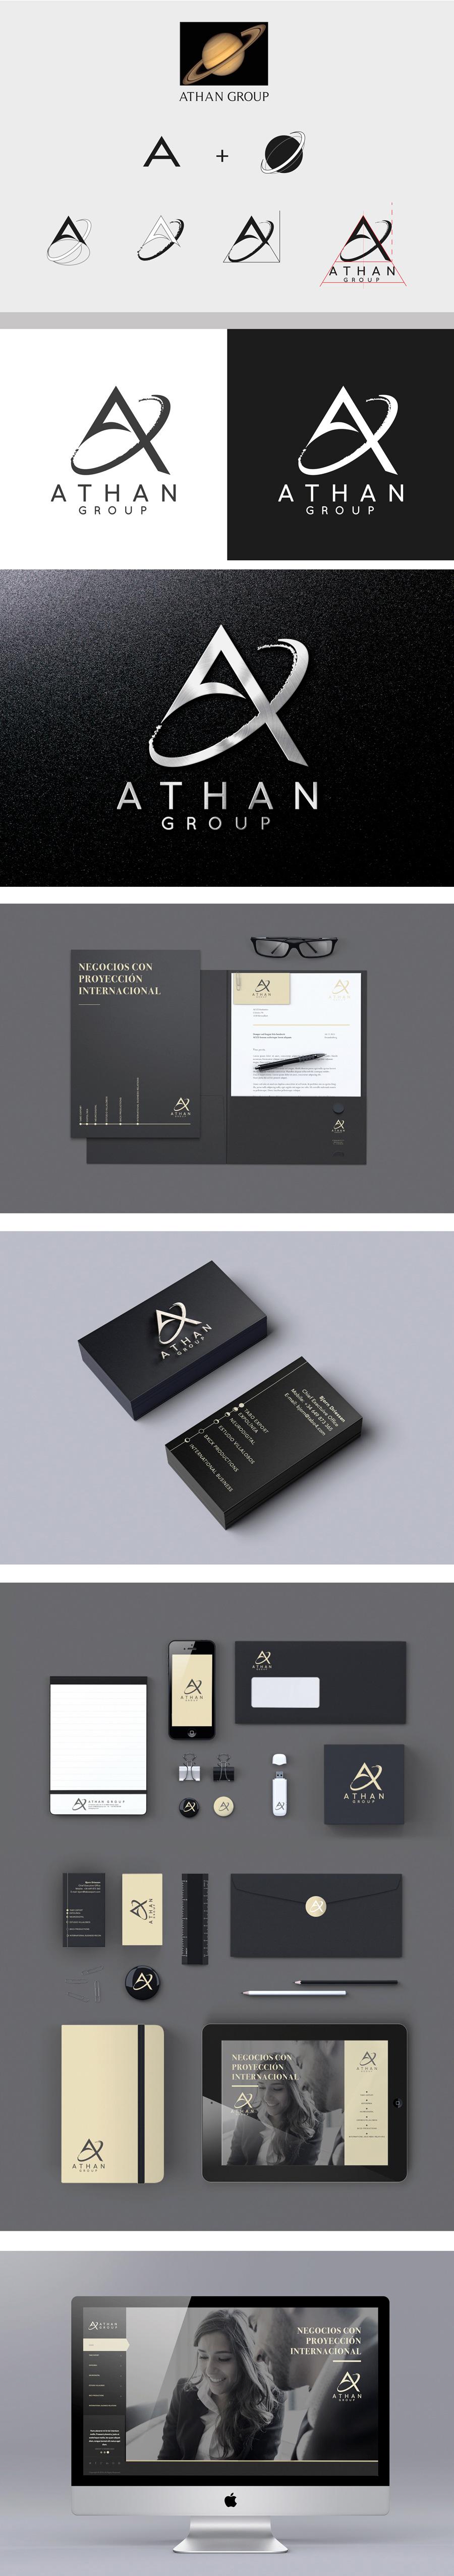 Eugenia Parra Diseño Creación de Marca, Athan Group